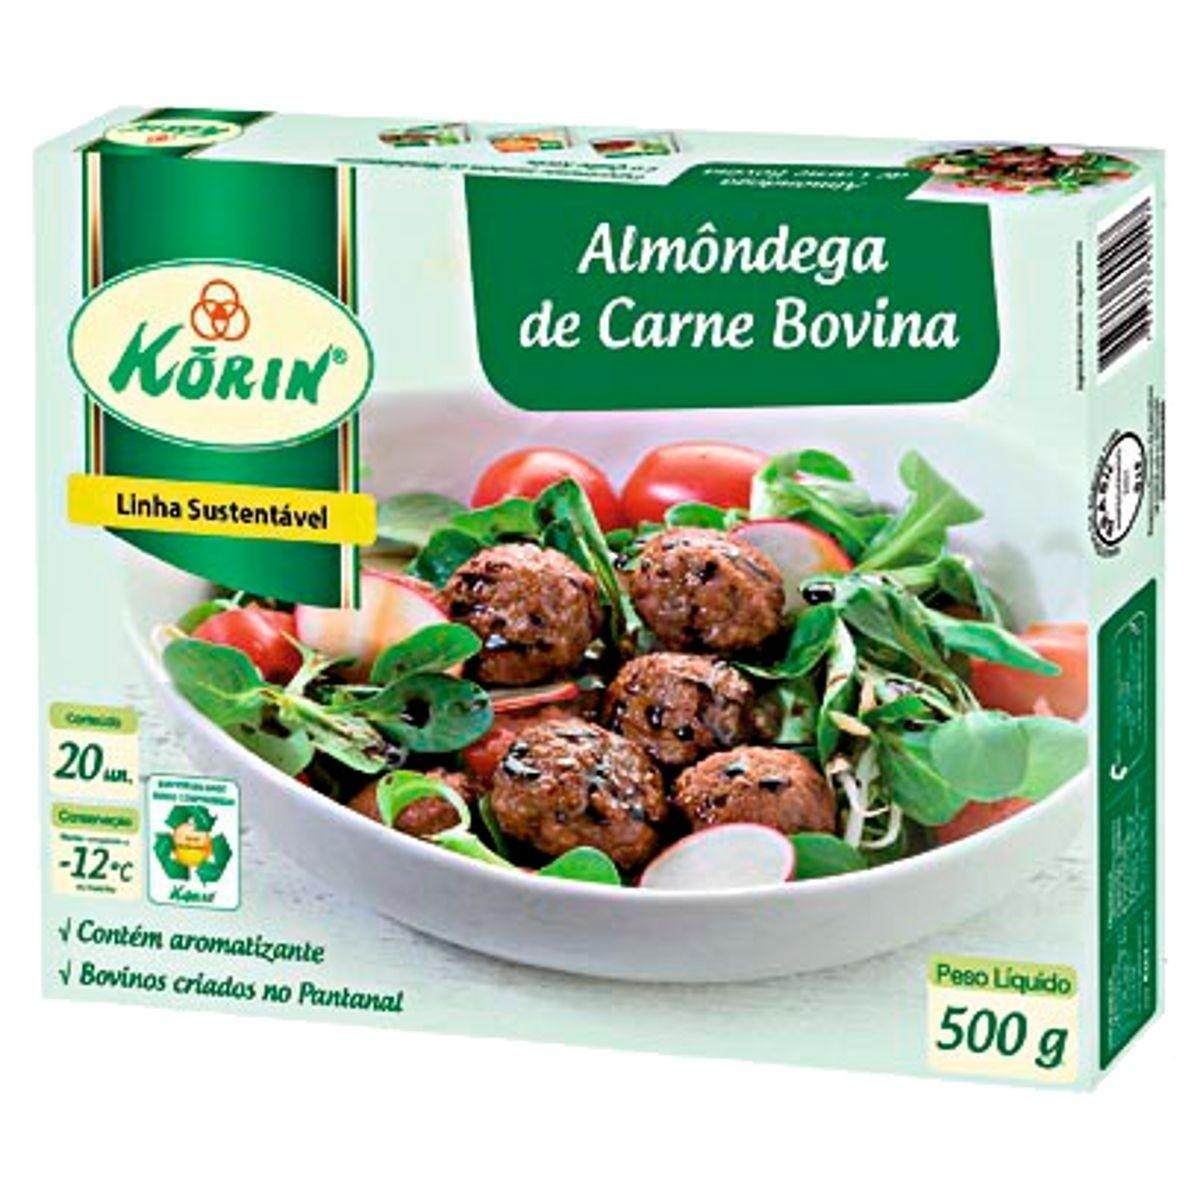 Almôndega de Carne Bovina 500g - Korin